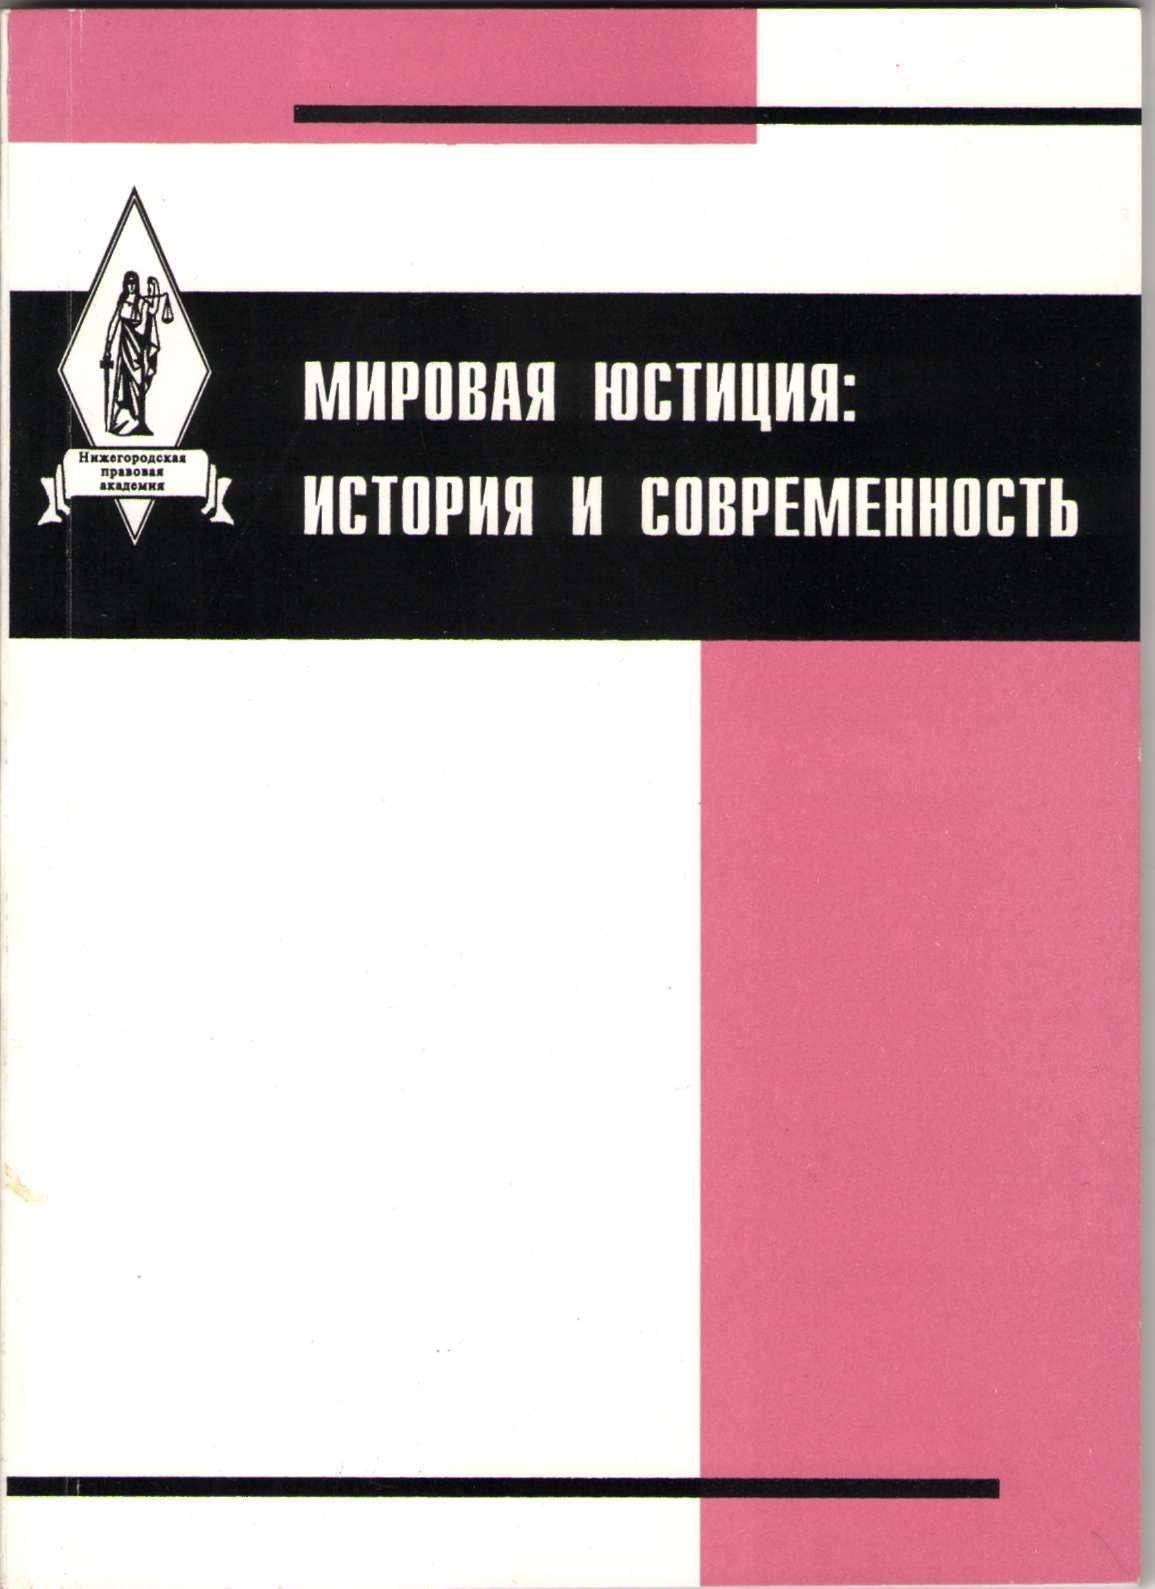 Особенности в деятельности мировых судей на Нижегородской ярмарке